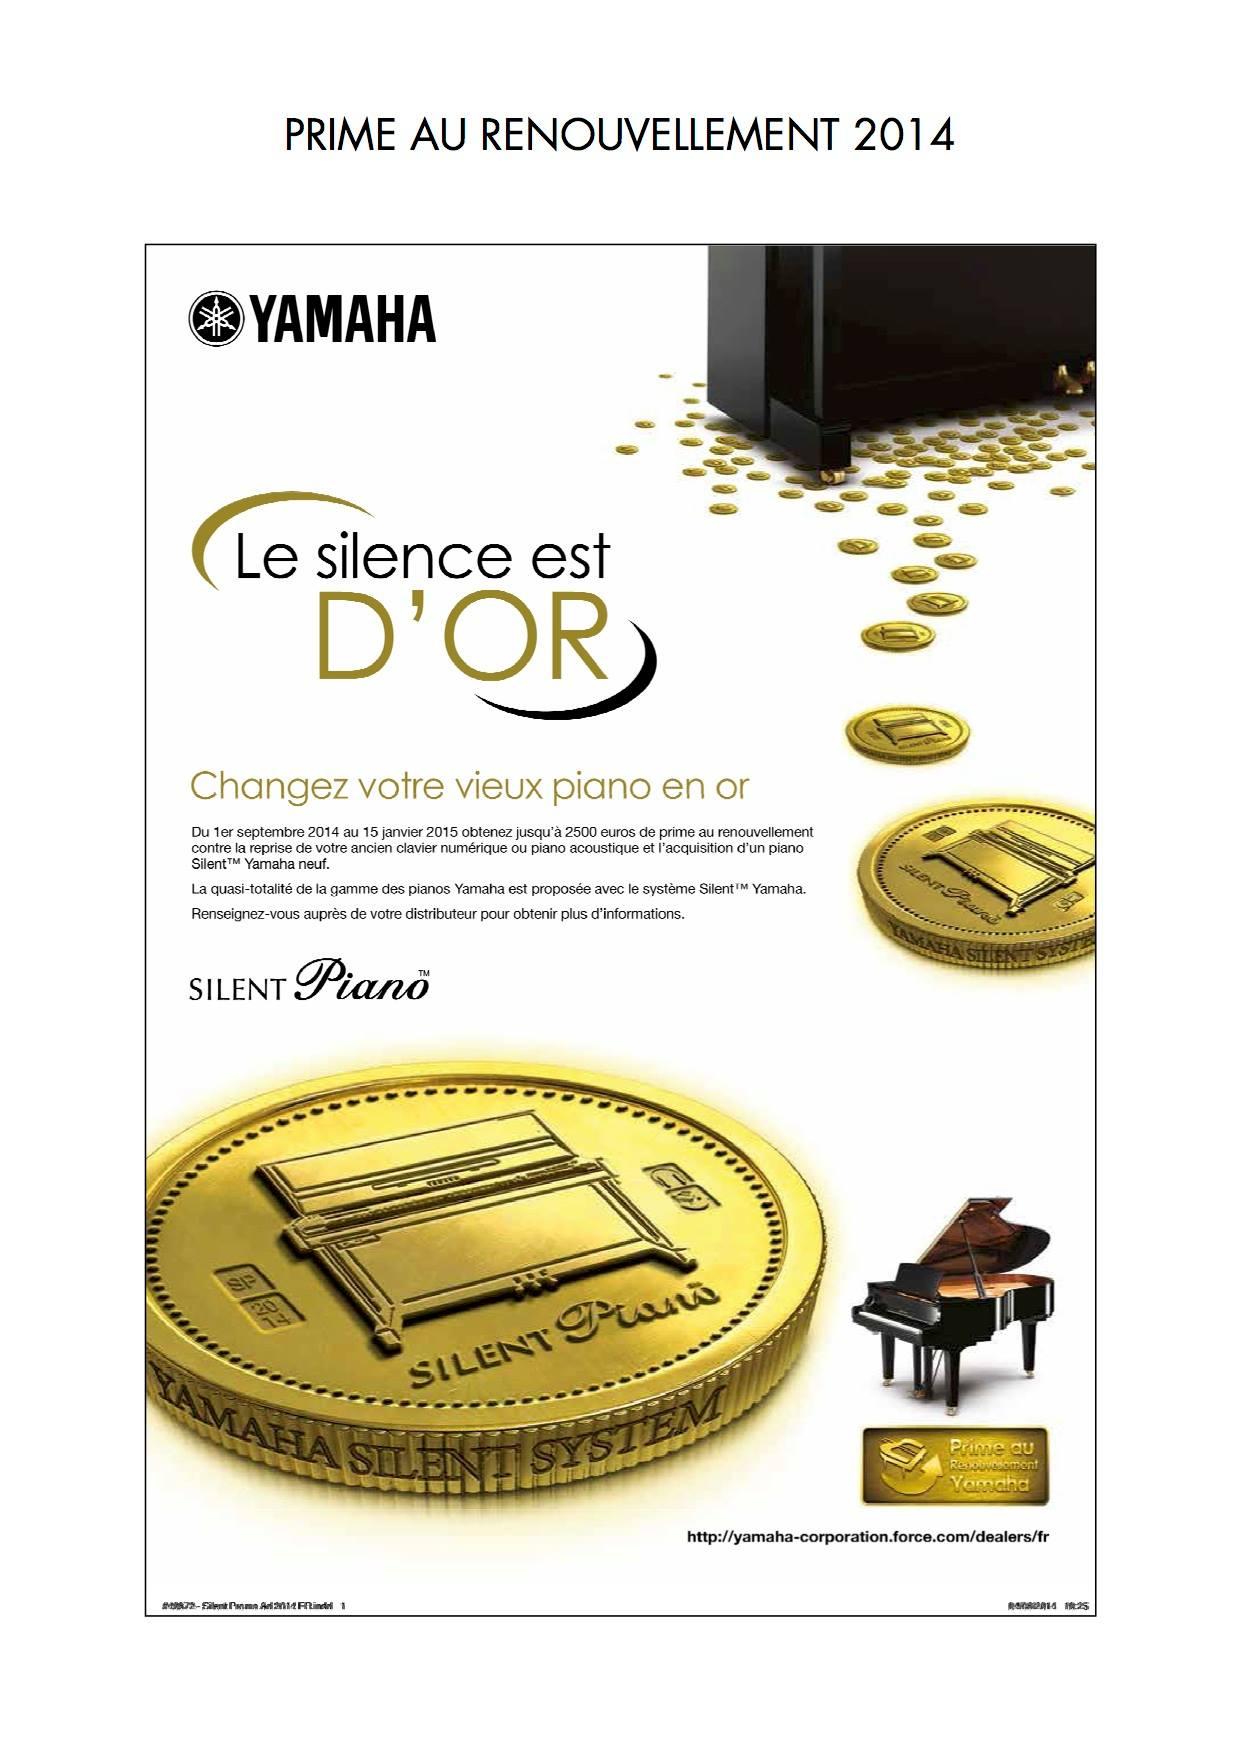 Delmas Musique 10482320_893918127303071_5300833204944843525_o Prime au renouvellement de Piano Yamaha chez Delmas Musique